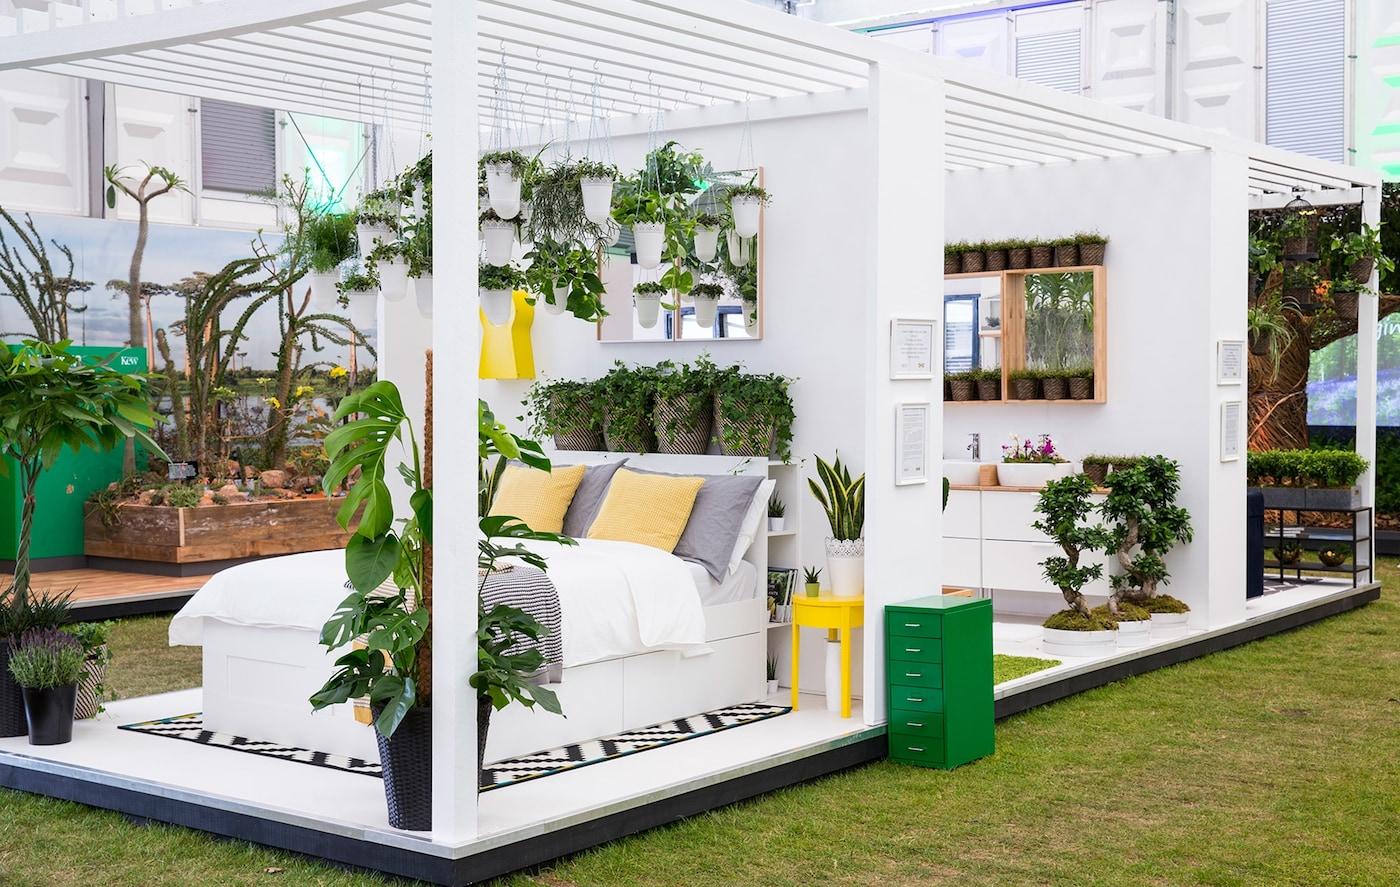 bedroom plant design ideas interior furniture | Our favourite bedroom plant ideas | IKEA - IKEA